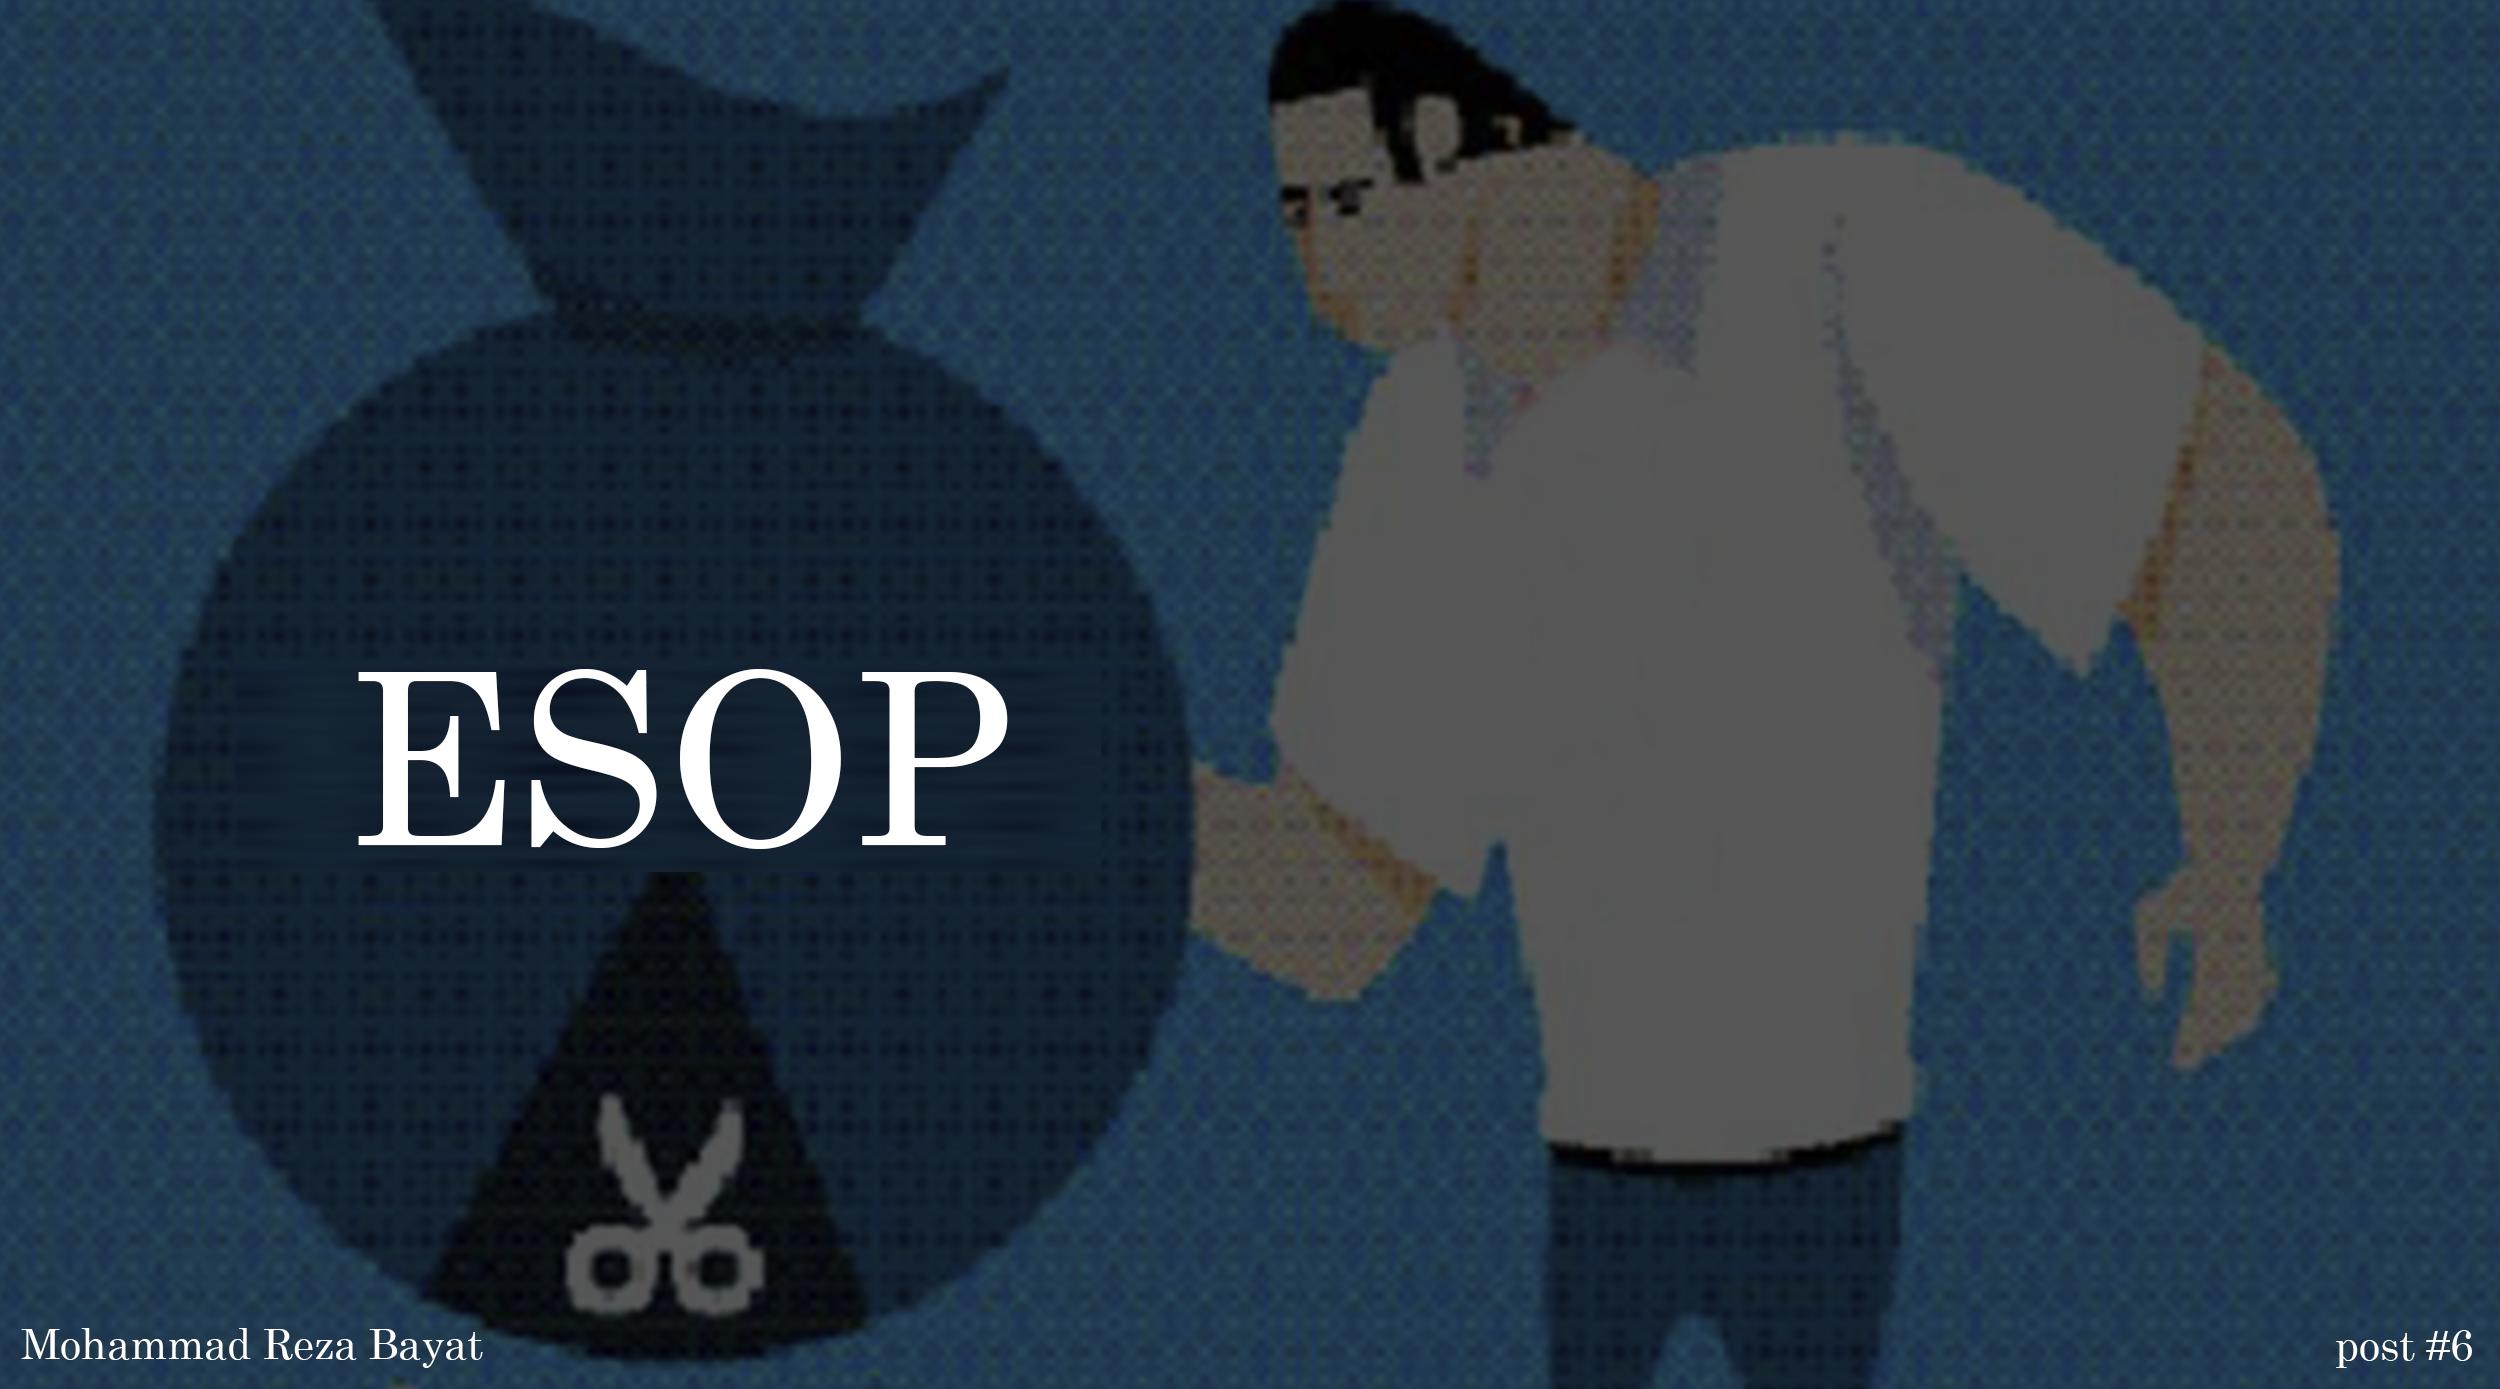 موضوع ESOP چیست و چرا برای سرمایه گذار نیز مهم است؟